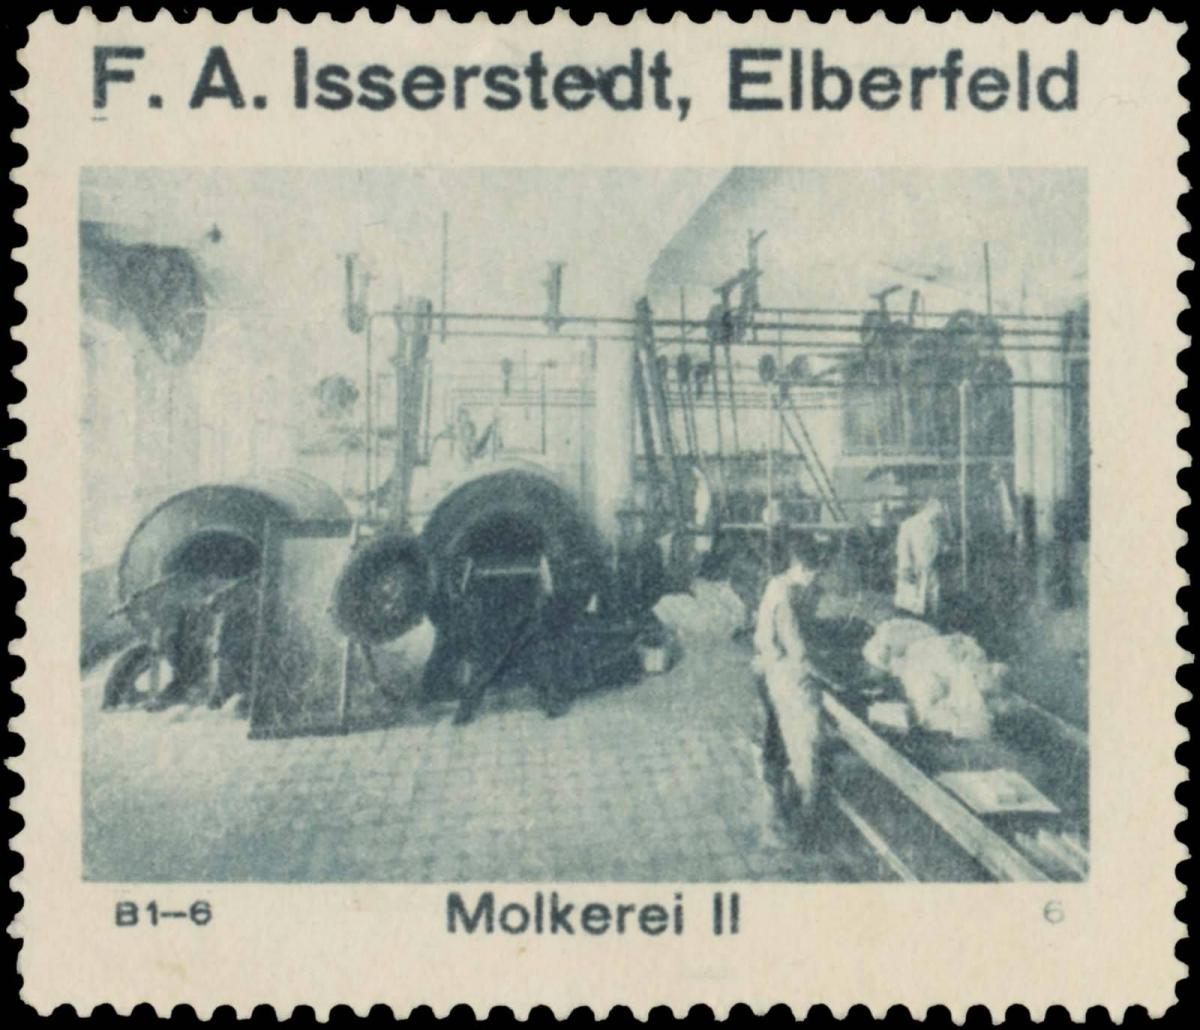 Molkerei II